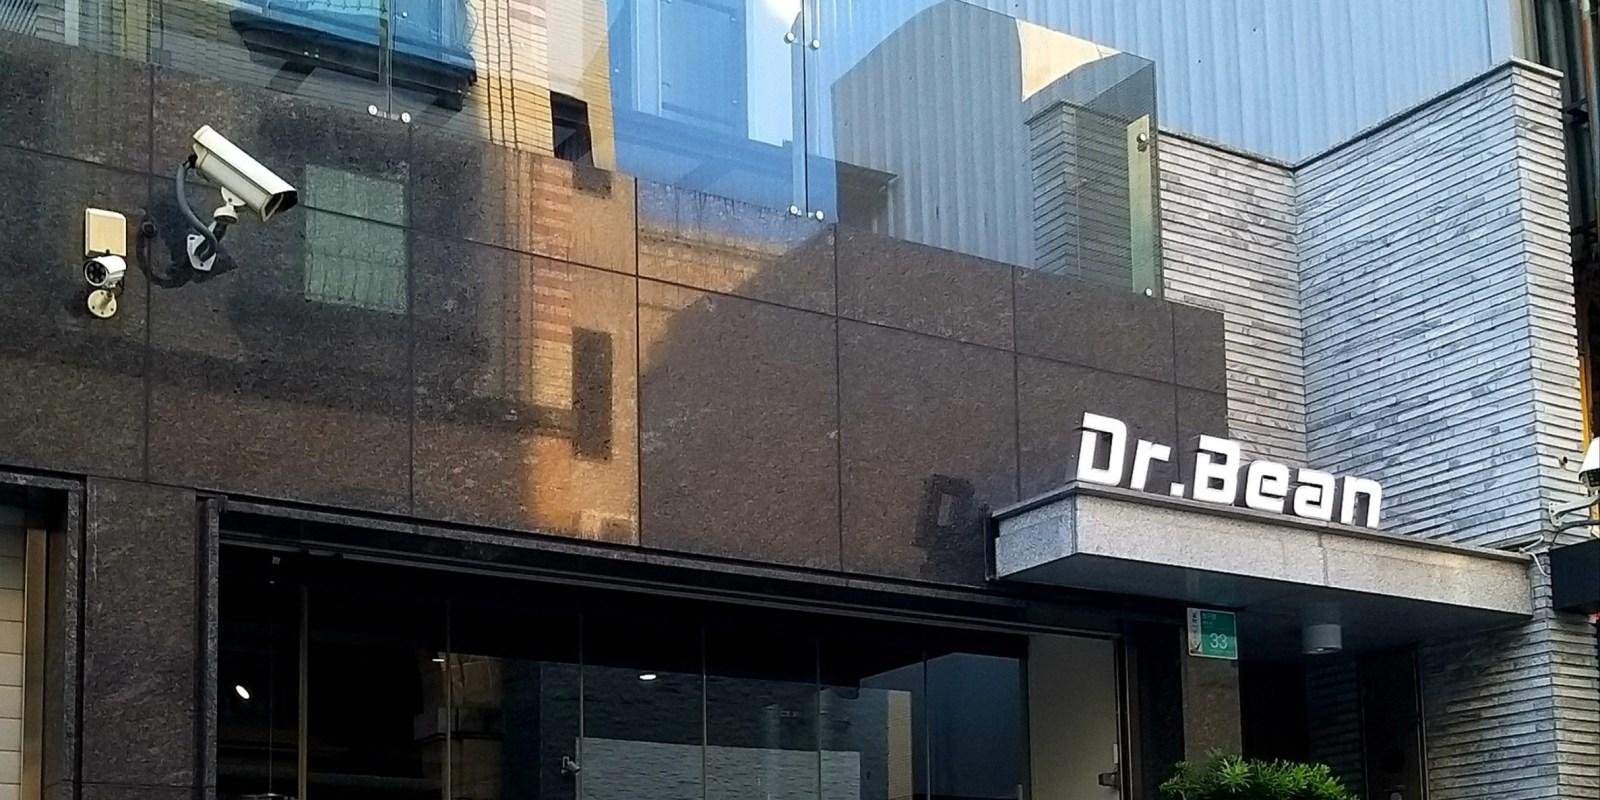 台南 安平區 Dr.Bean|ARTEFATTO|咖啡工作室|咖啡機維修